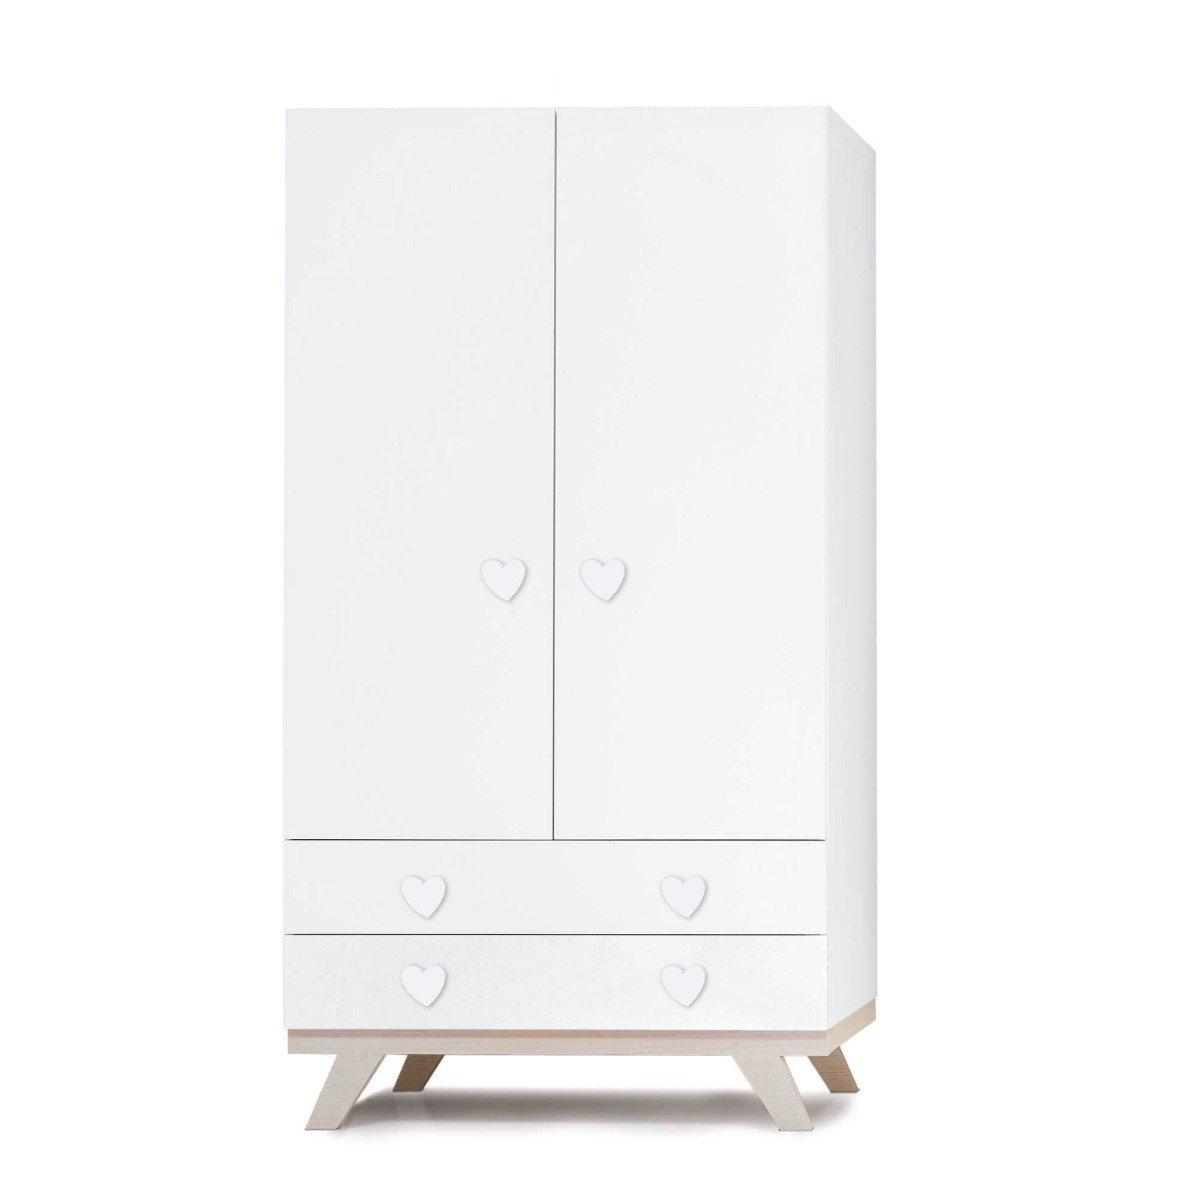 Dulap Home Concept, Alb, Inimioara, 2 sertare + 2 usi imagine